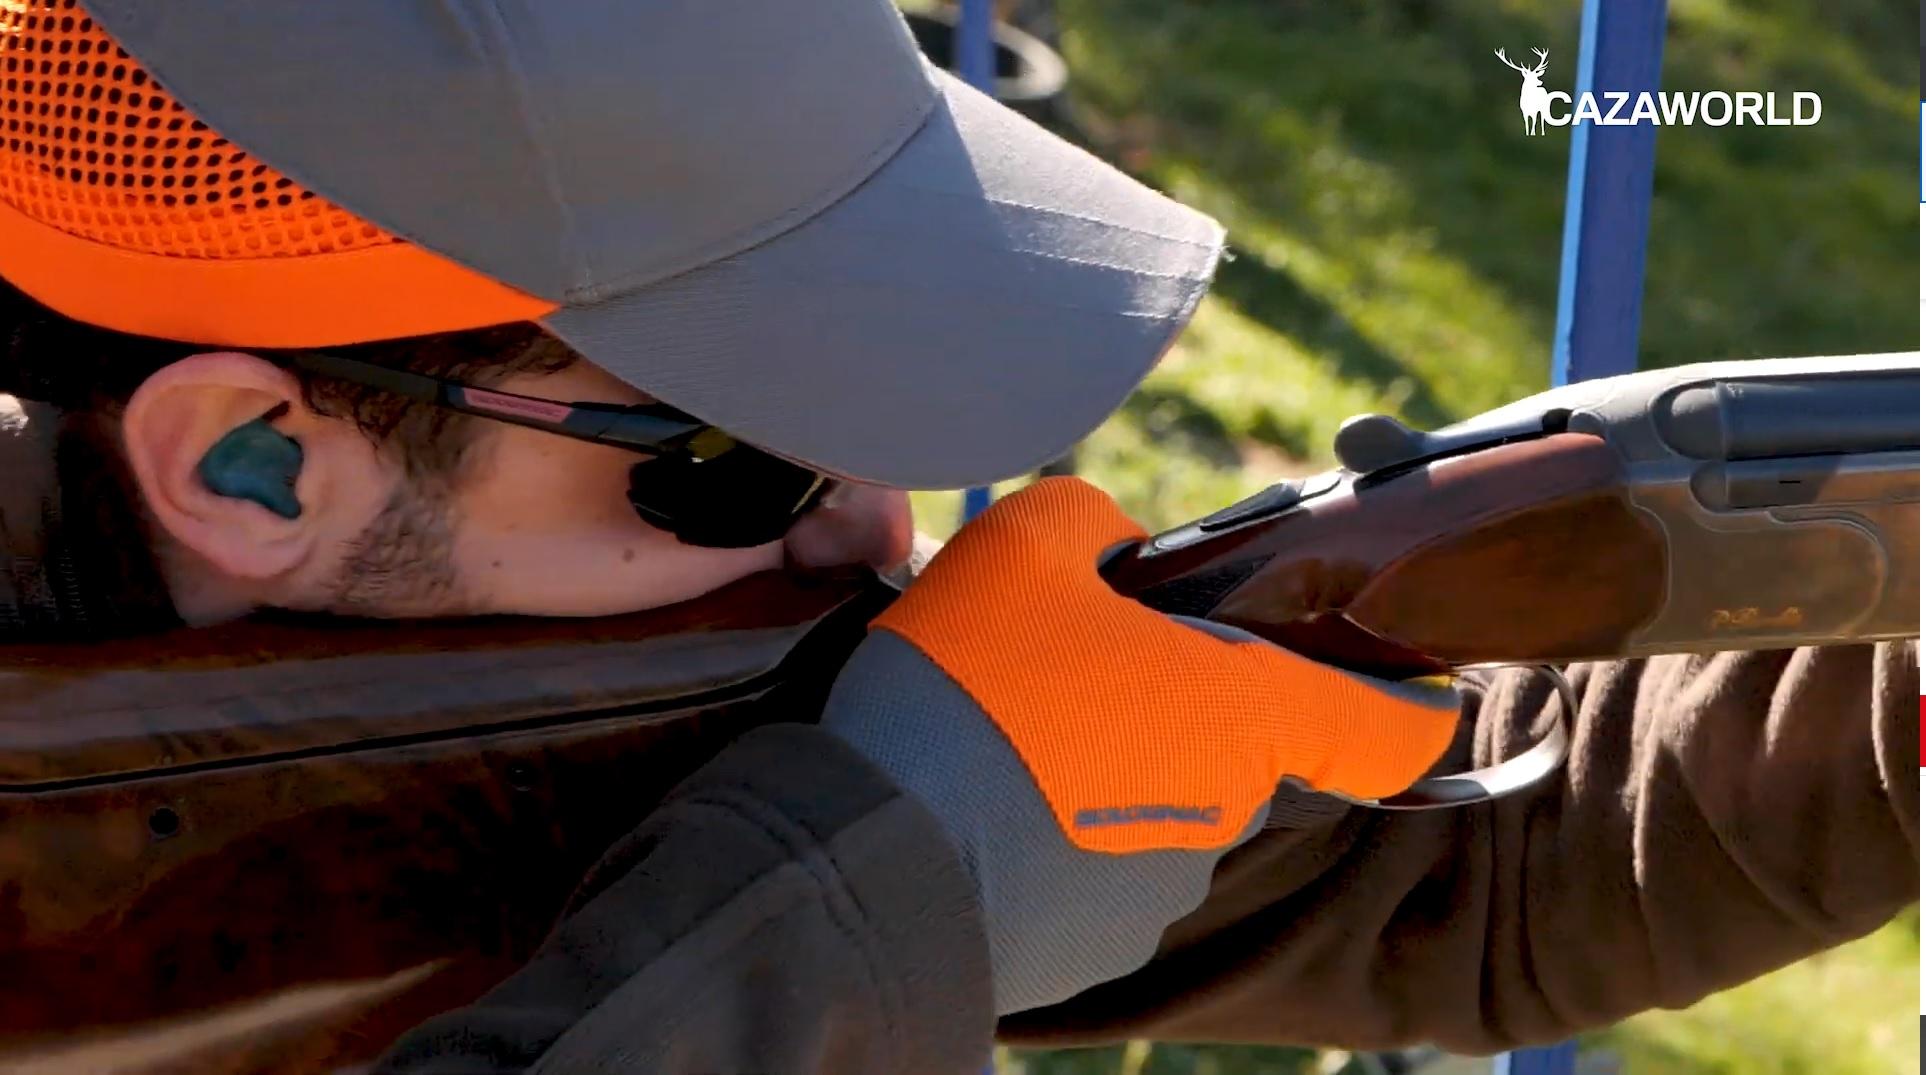 Tirador apuntando para disparar en Compak Sporting.